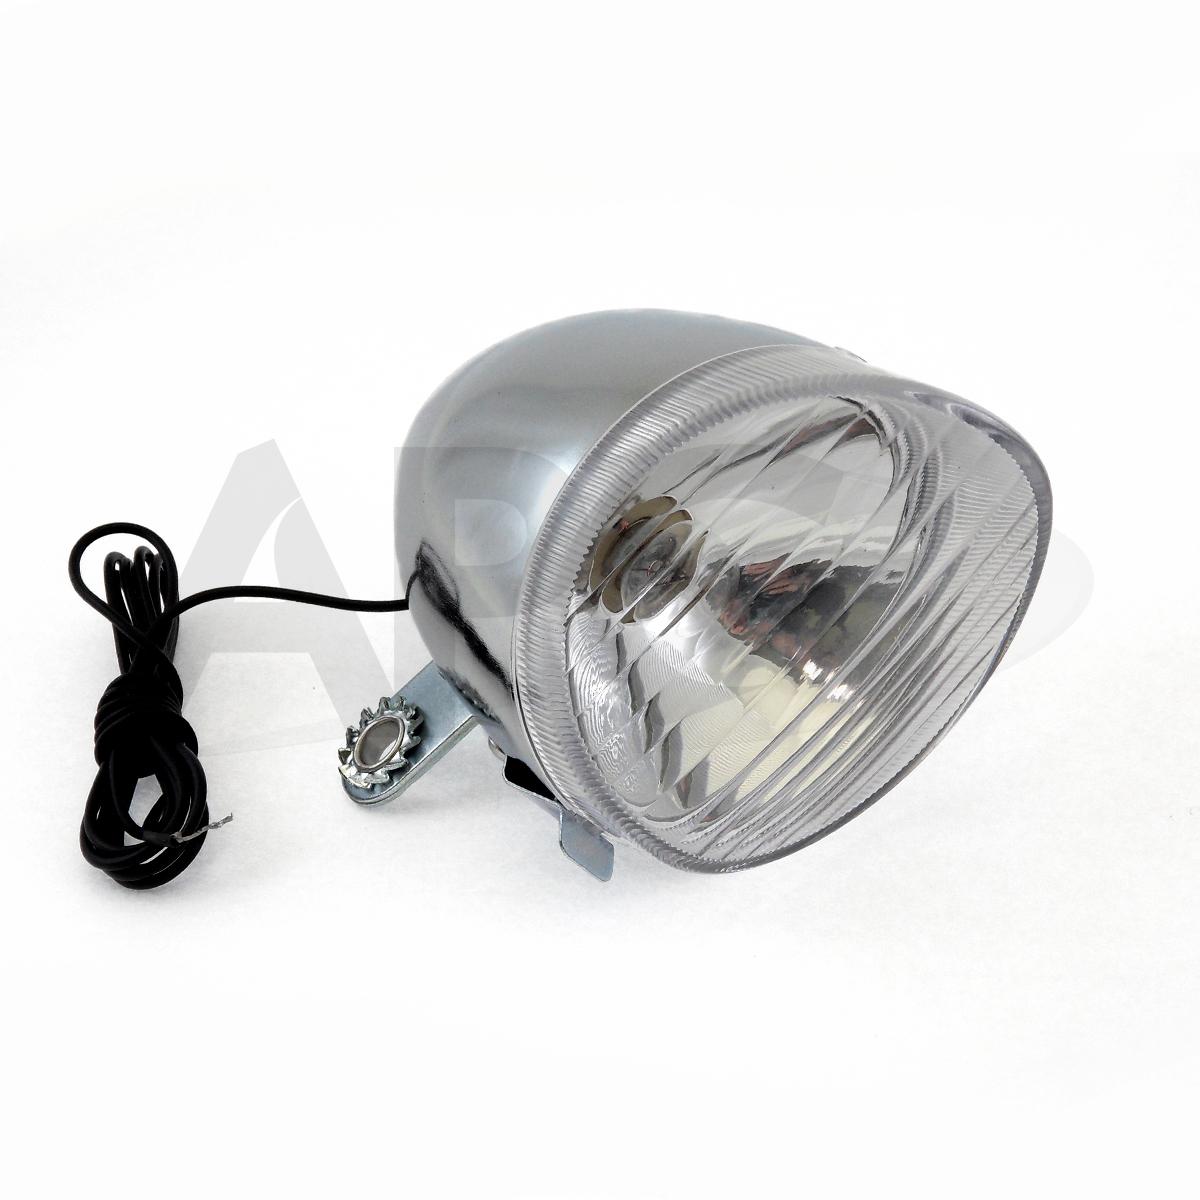 Lampa przód 160230